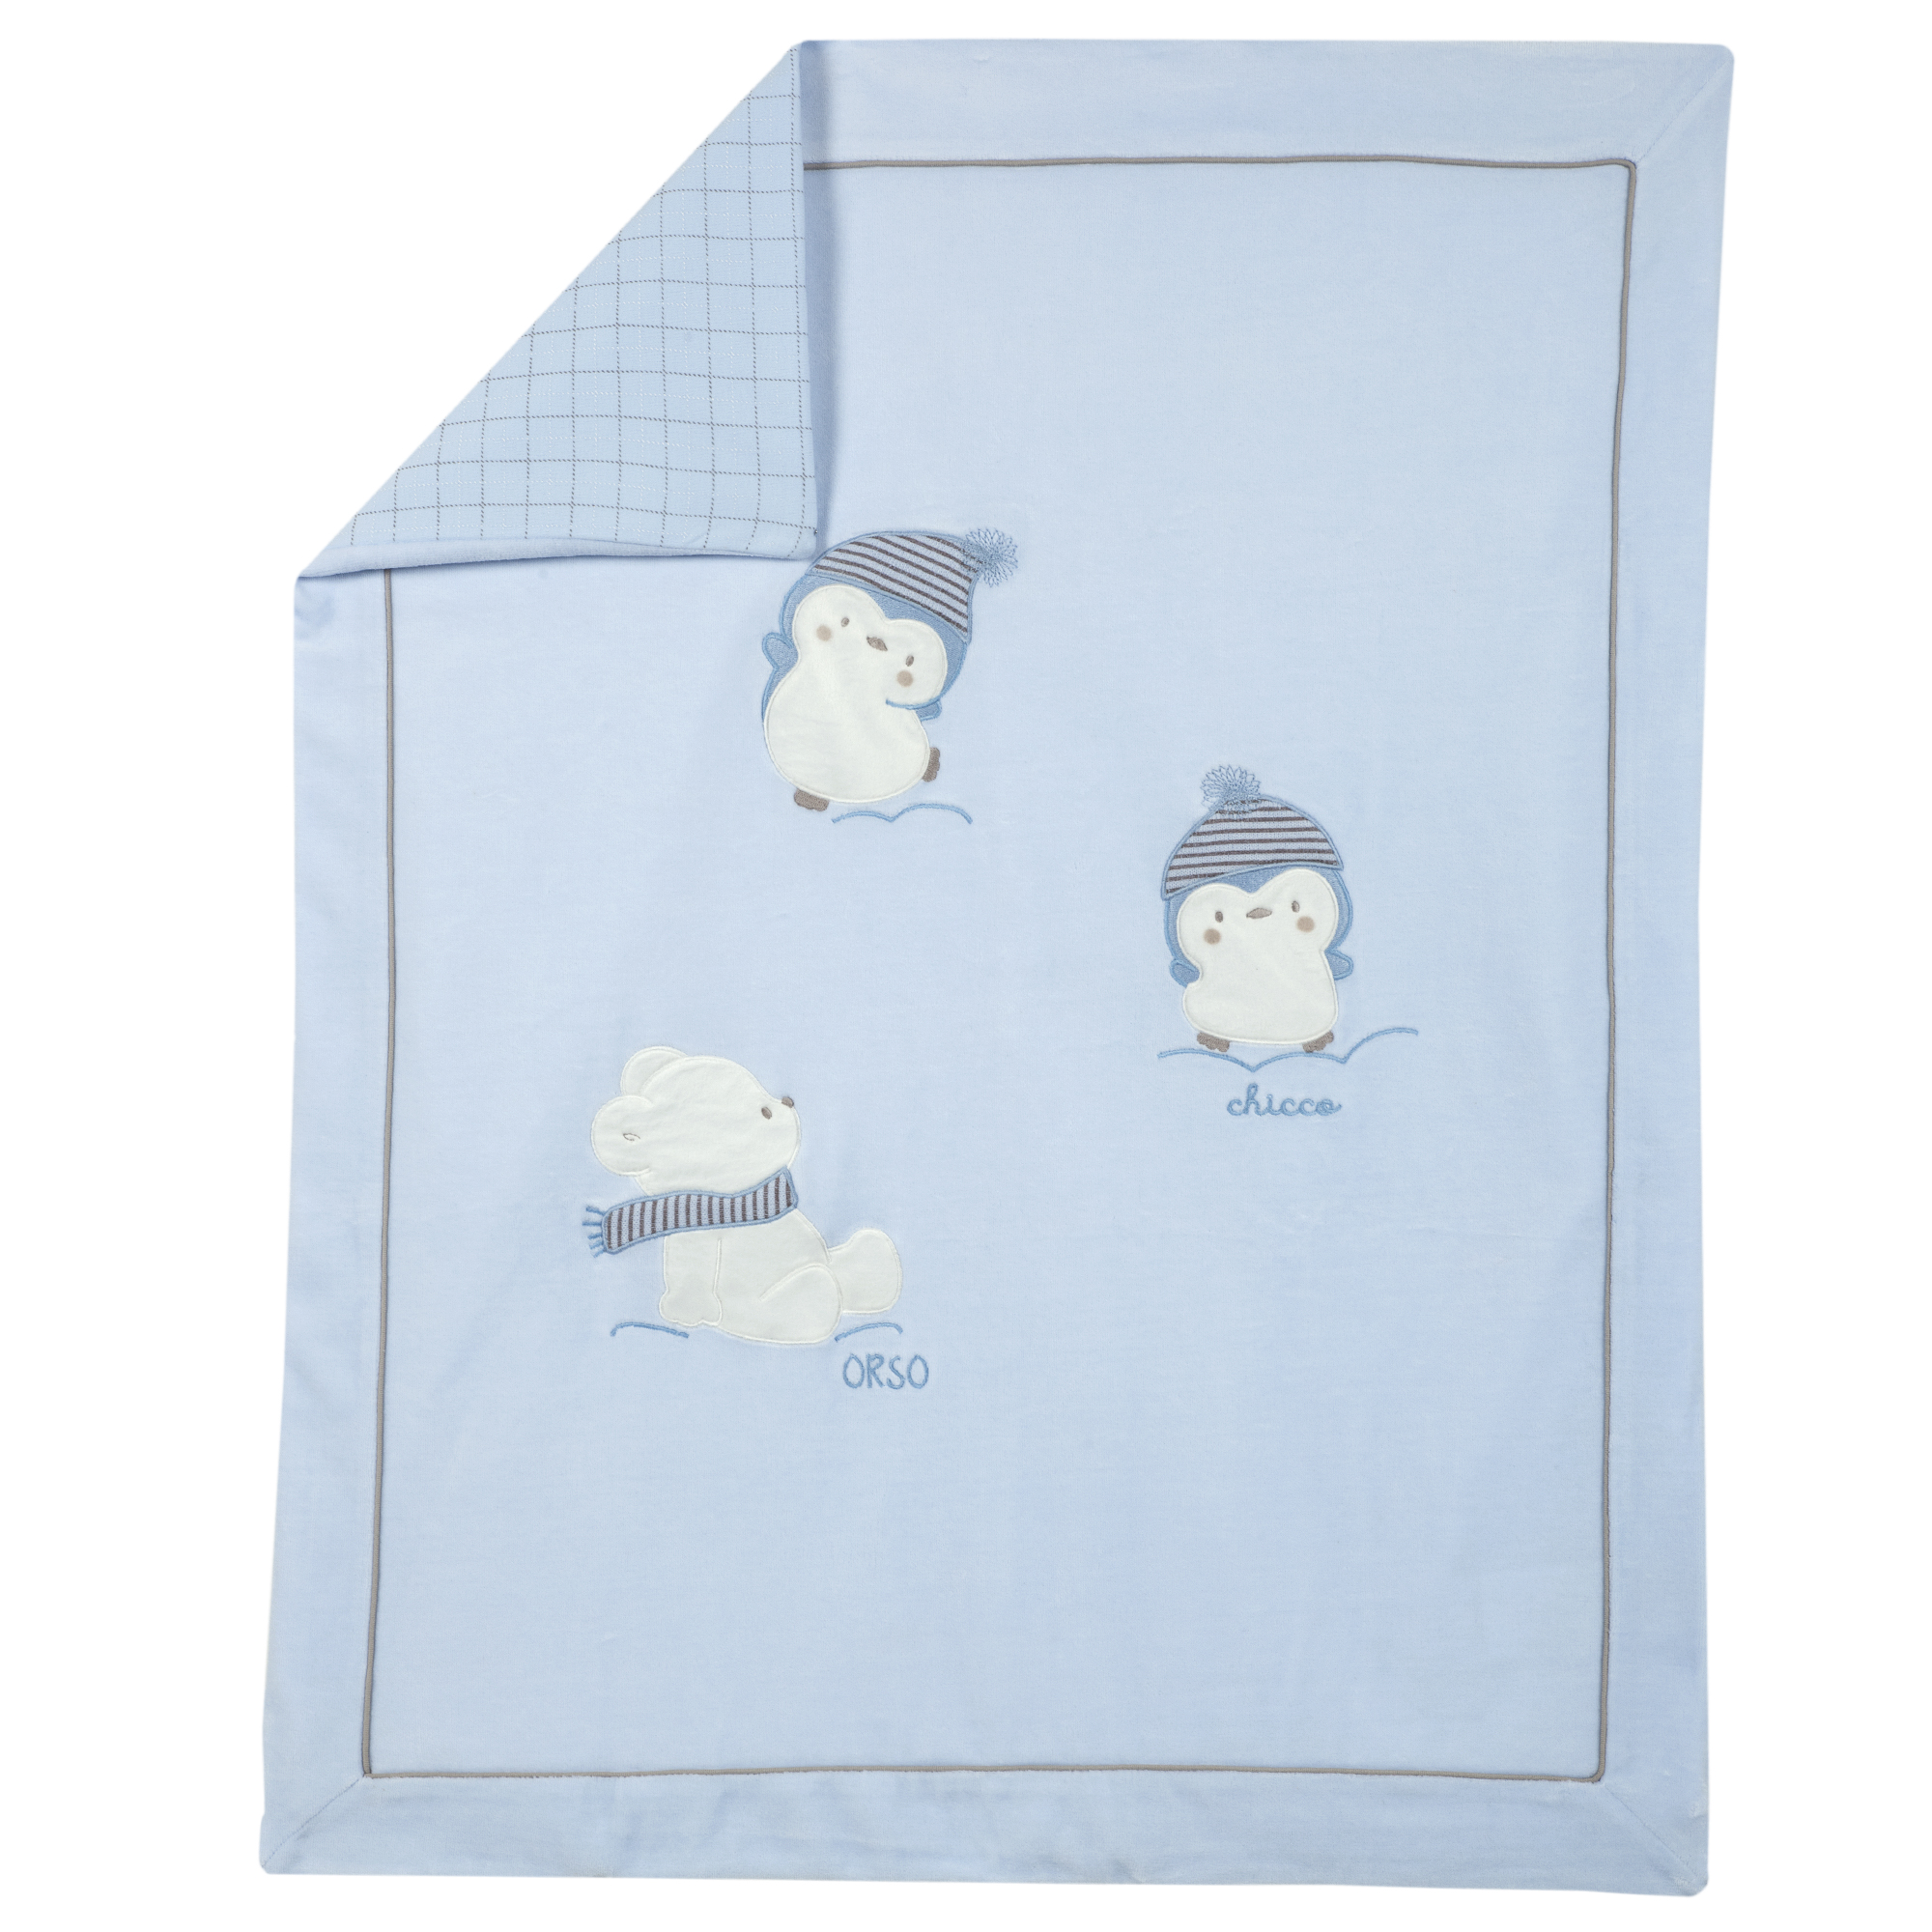 Plapuma Copii Chicco, Velur, Doua Fete, Albastru, 05039 imagine